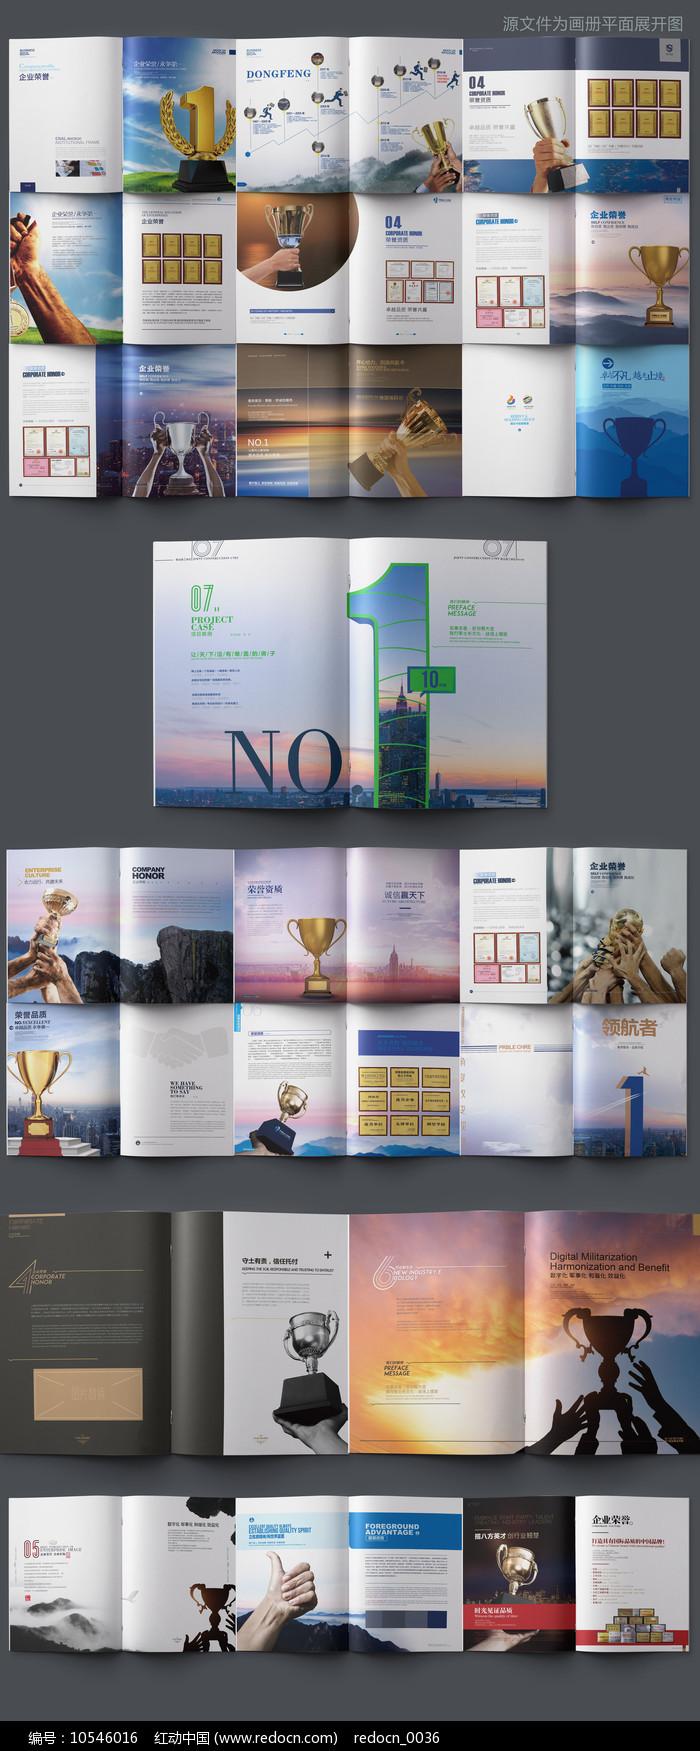 企业公司荣誉画册内页模板设计图片